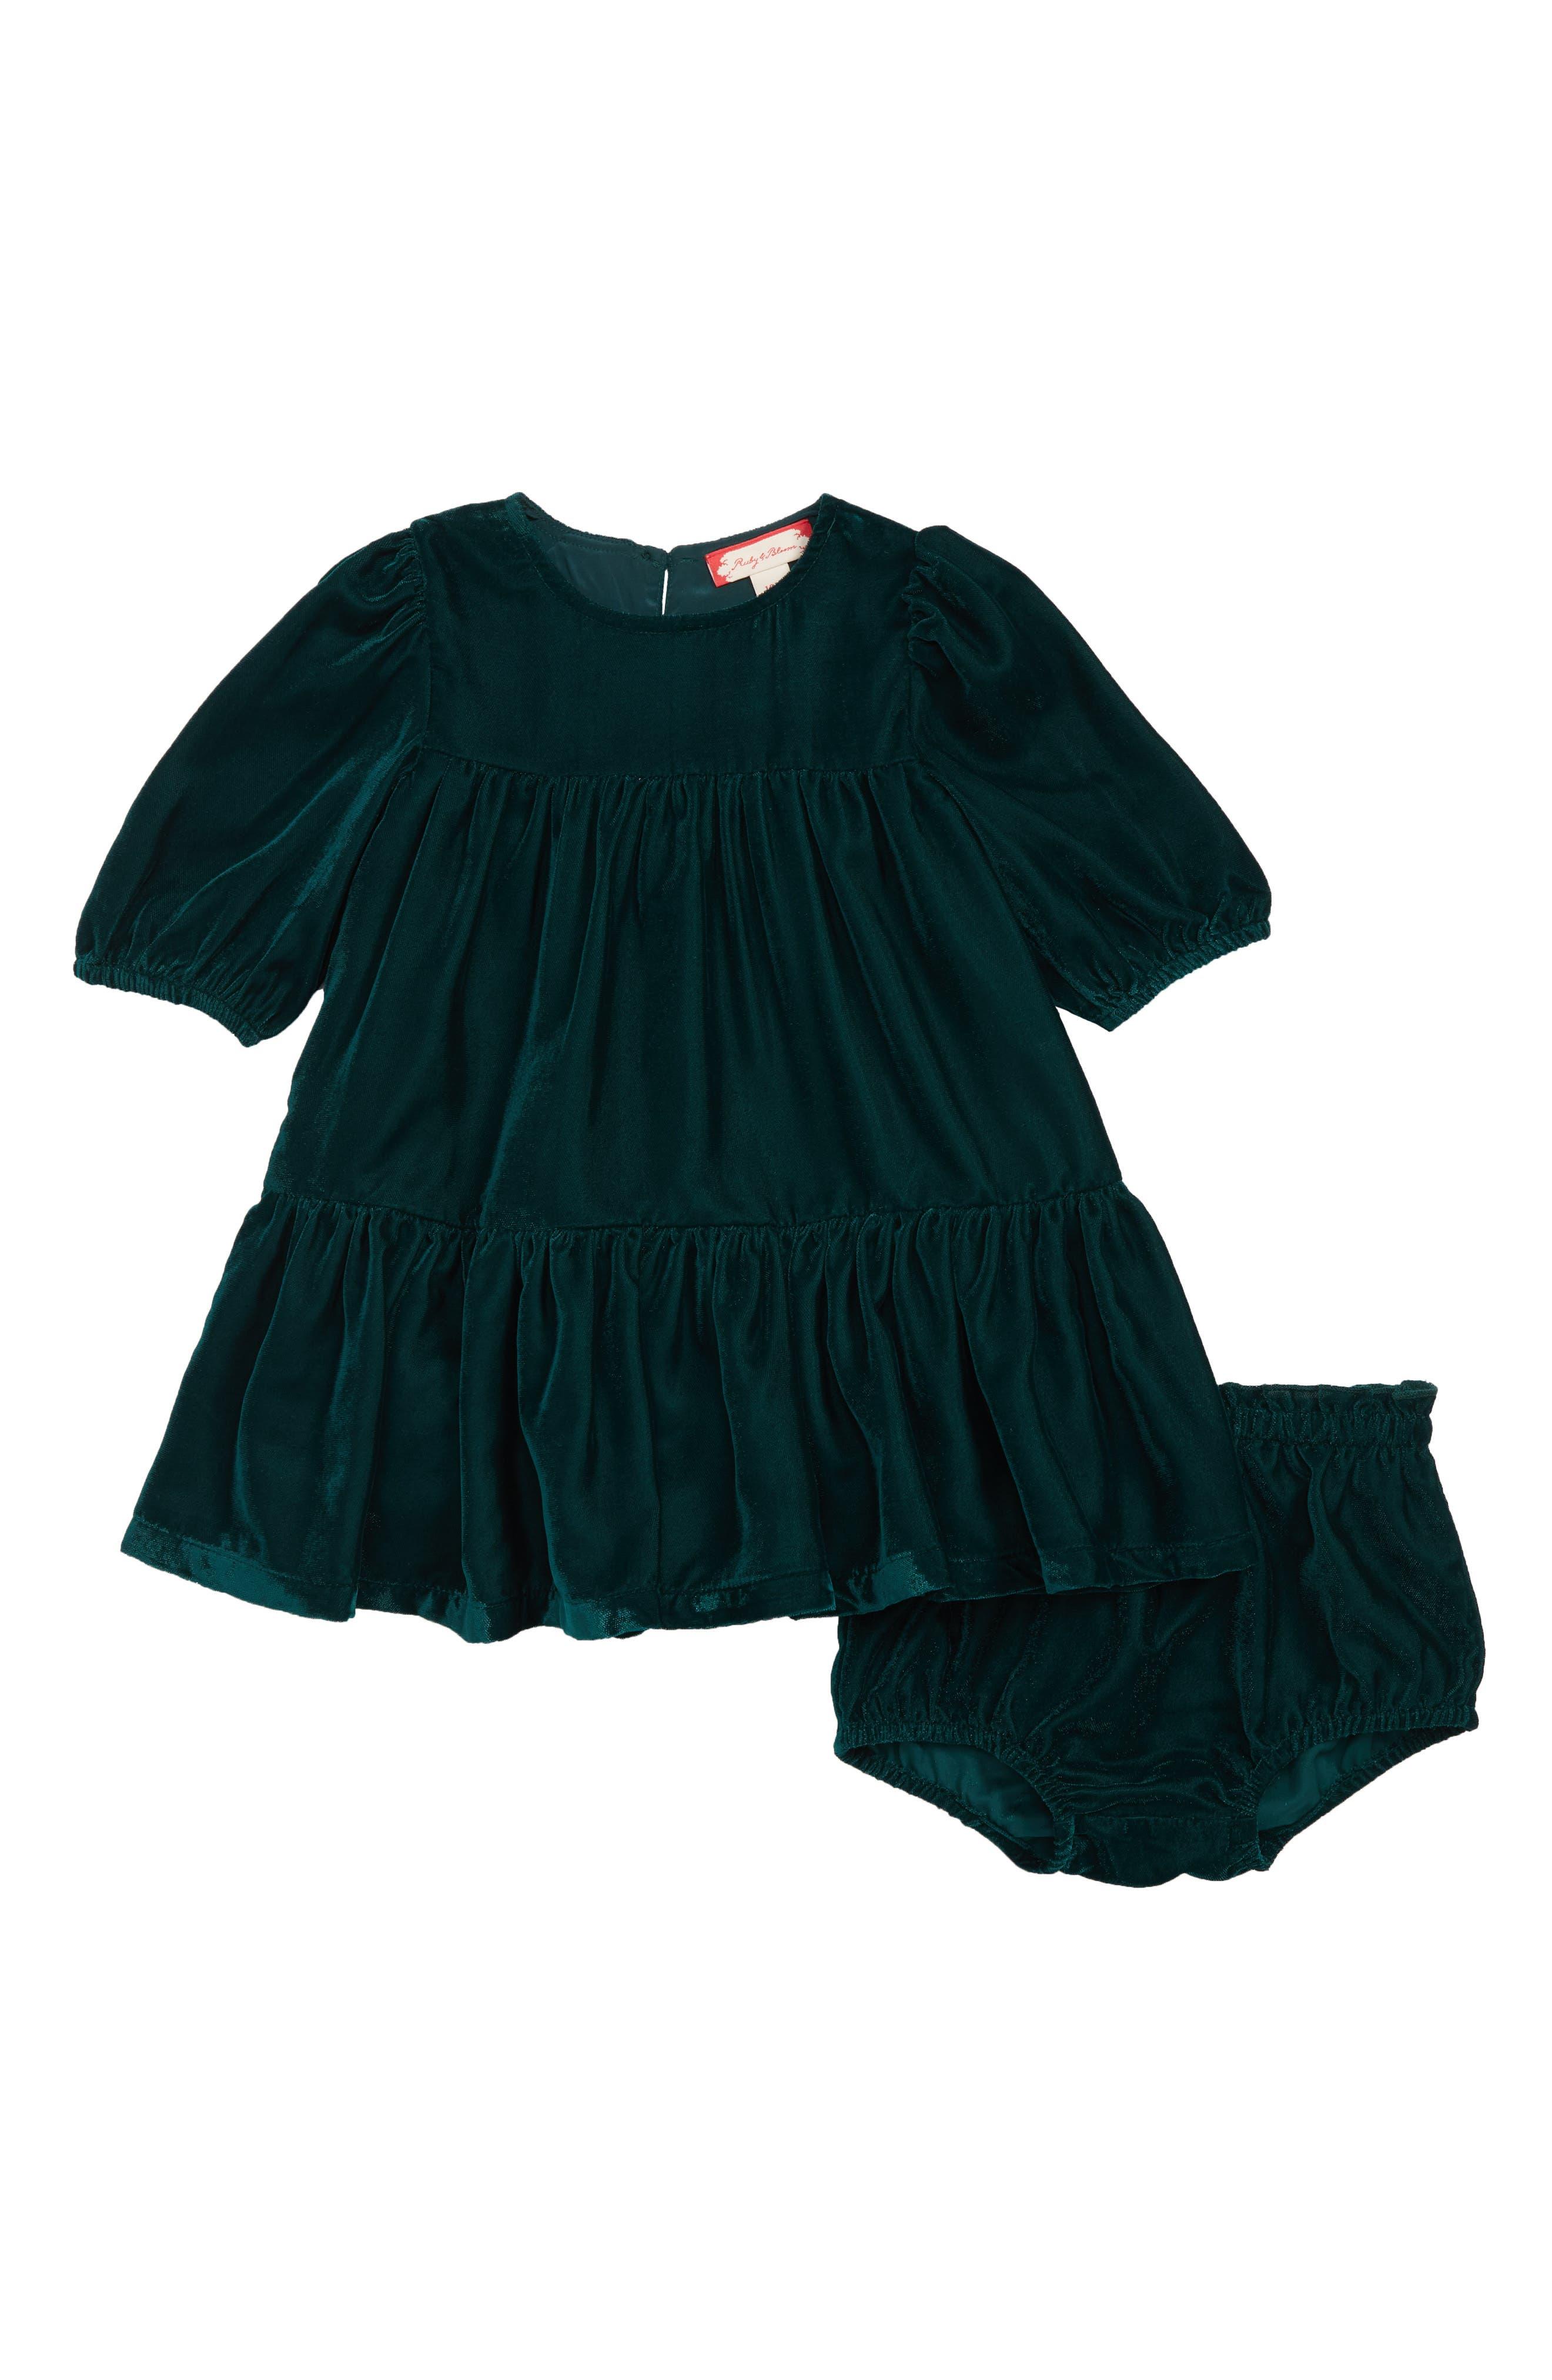 Tiered Velvet Dress,                             Main thumbnail 1, color,                             GREEN PONDEROSA